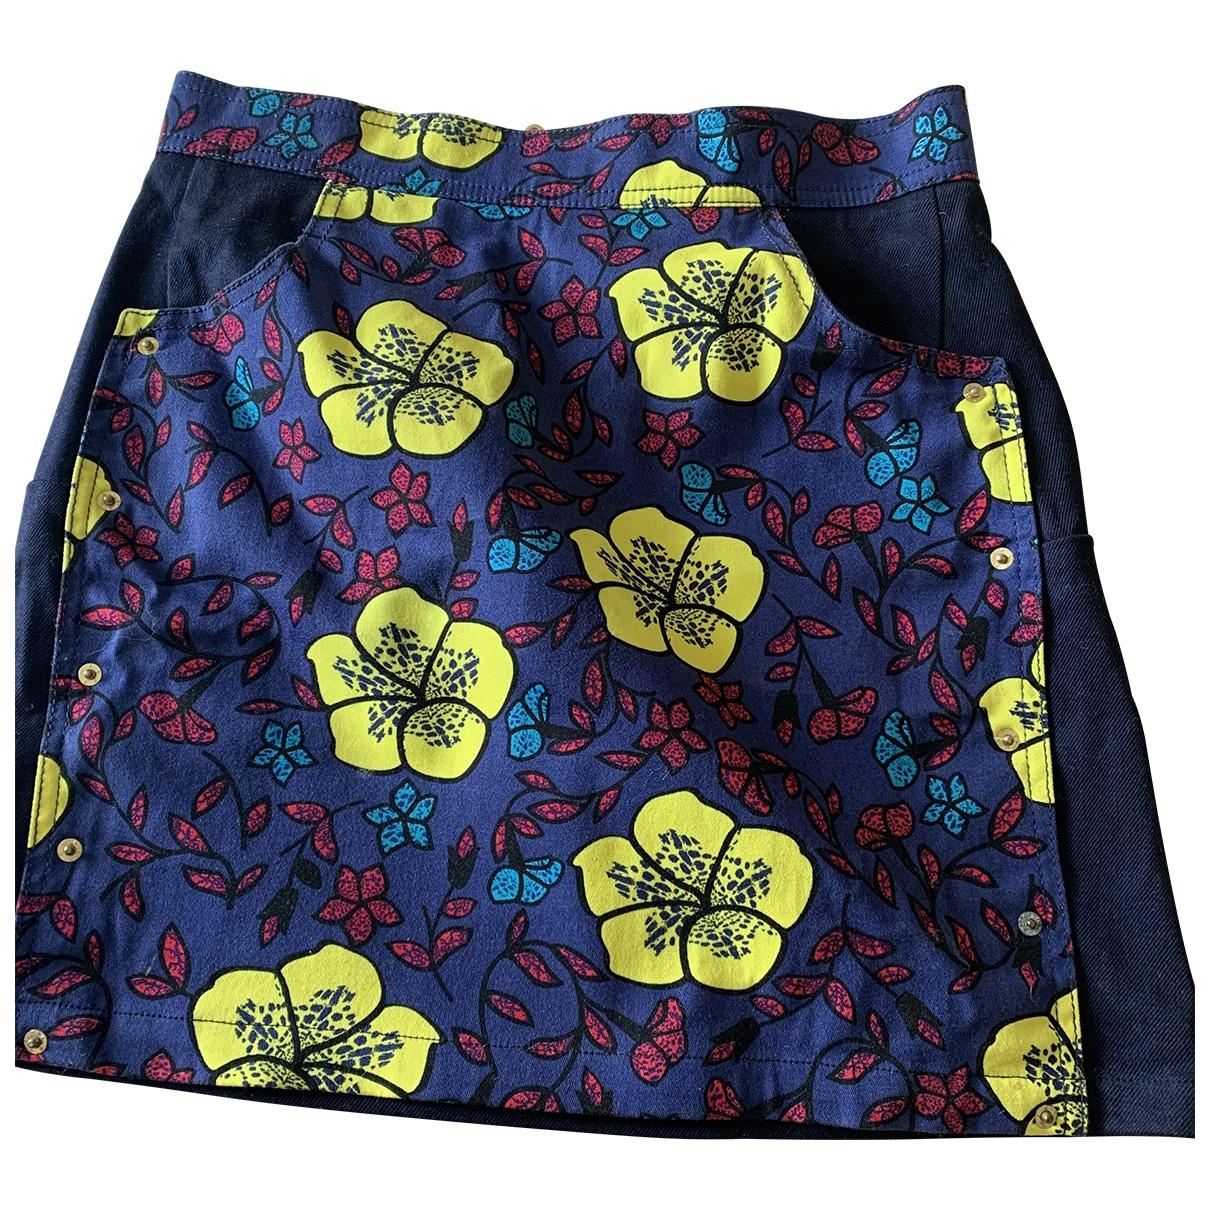 Kenzo \N Multicolour Denim - Jeans skirt for Women 36 FR